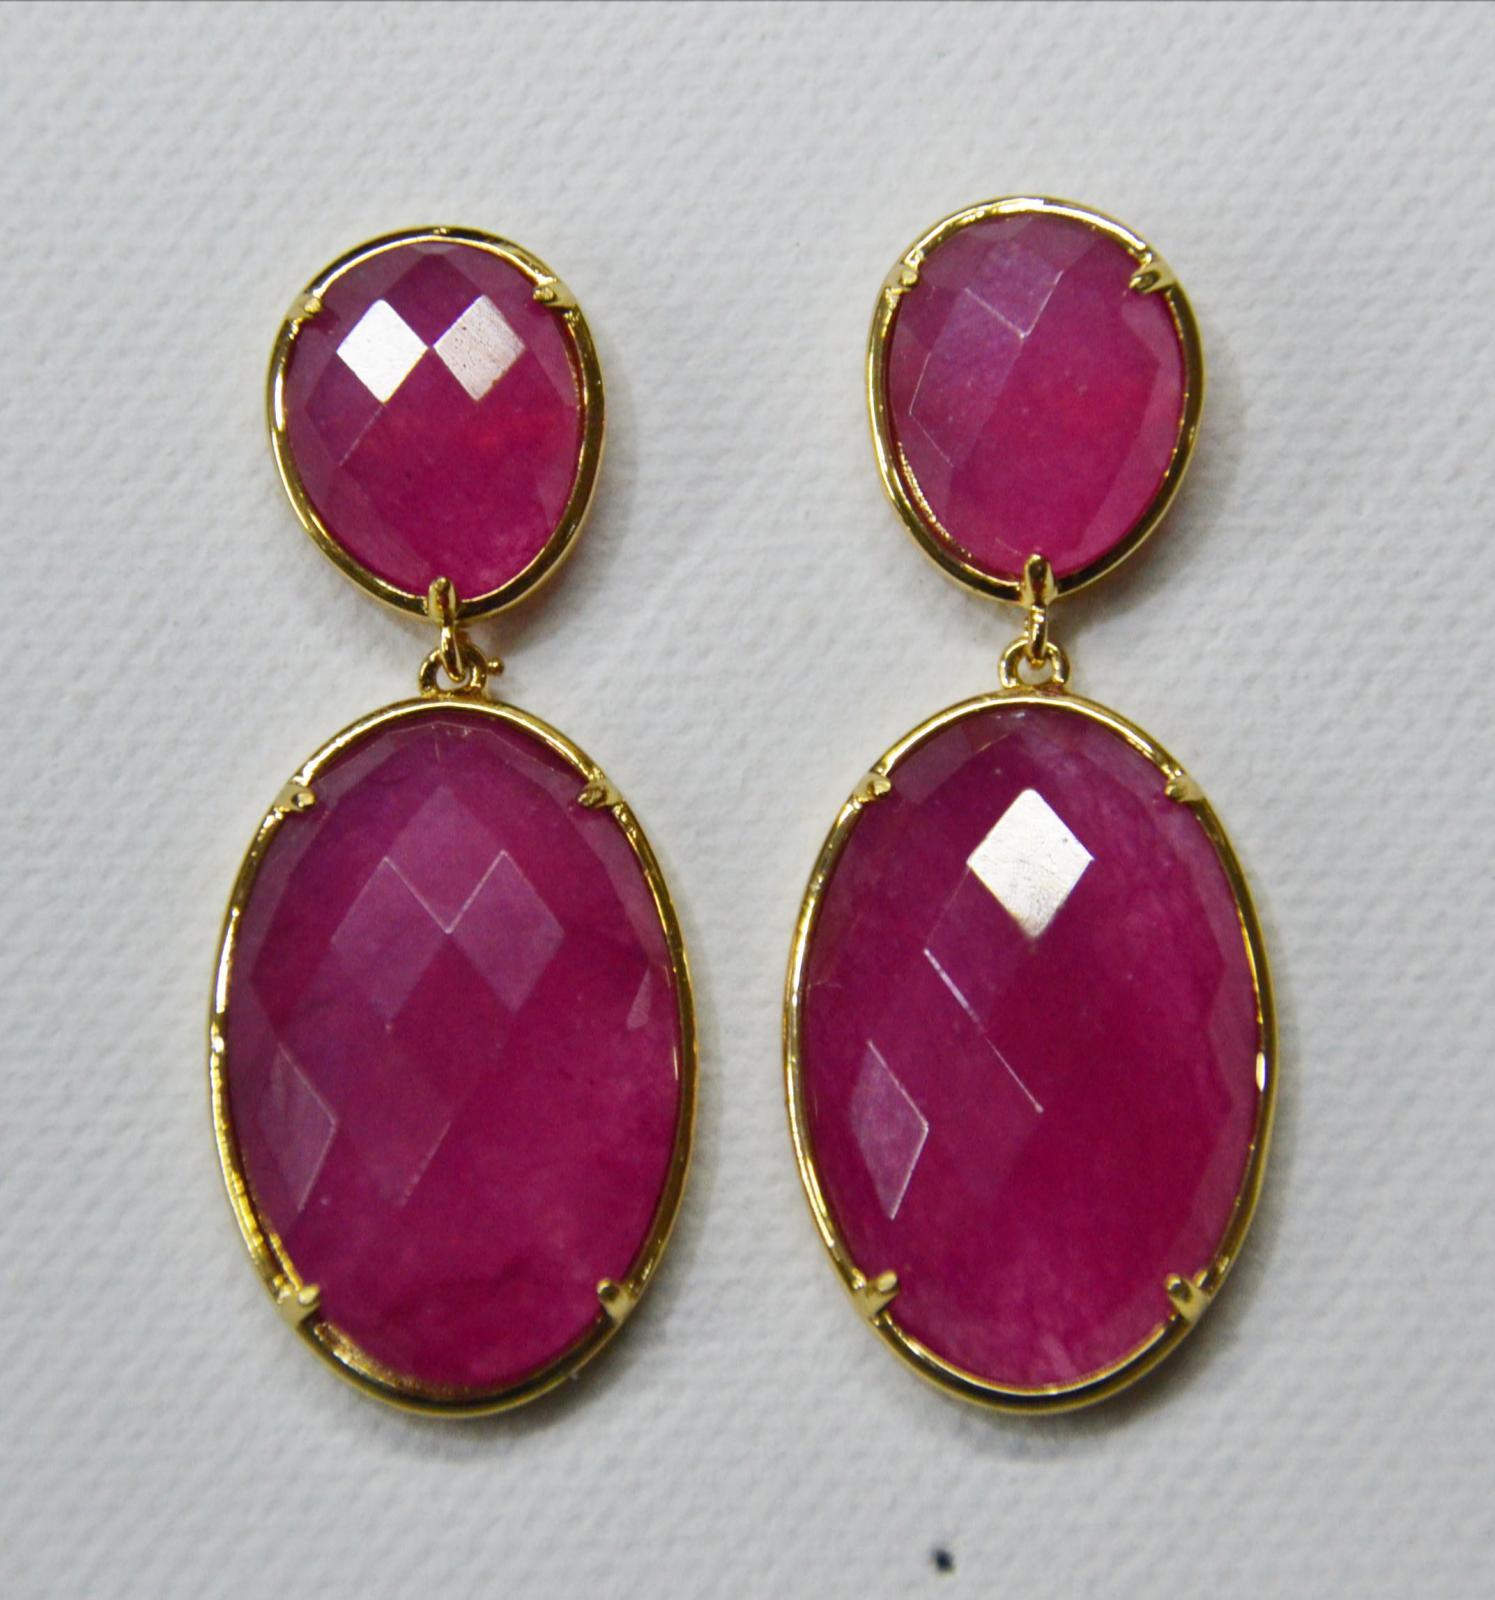 54a67d78bbd6 PENDIENTES DE JADE FUCSIA CON DORADO - Pendientes de 2 piezas hechos con piedra  jade teñida